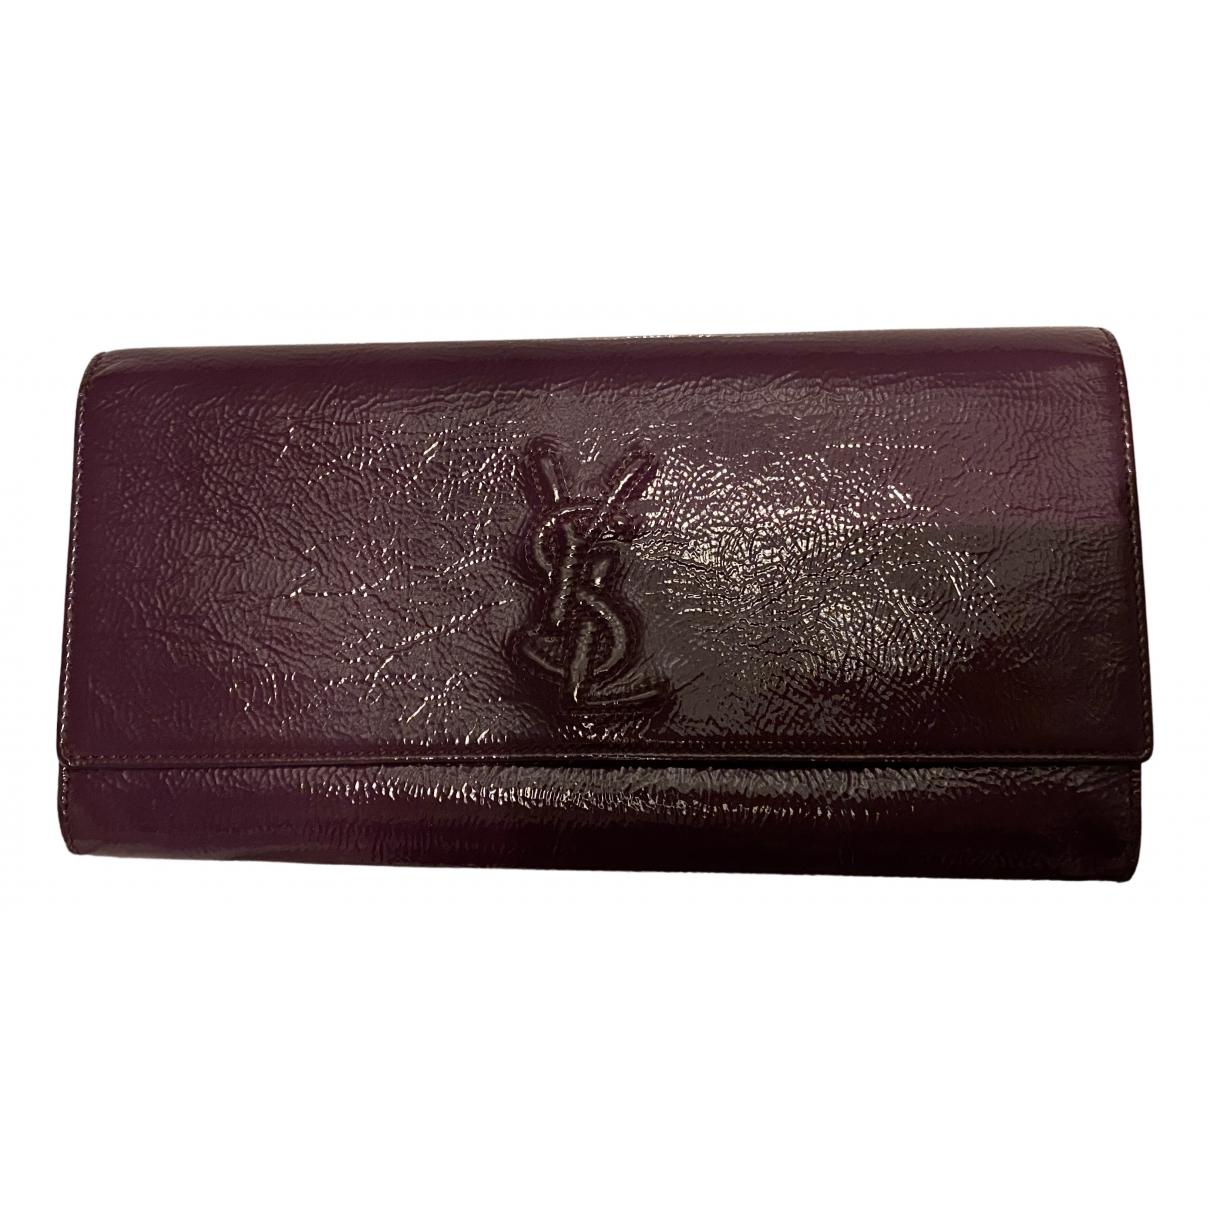 Yves Saint Laurent Belle de Jour Purple Patent leather Clutch bag for Women \N